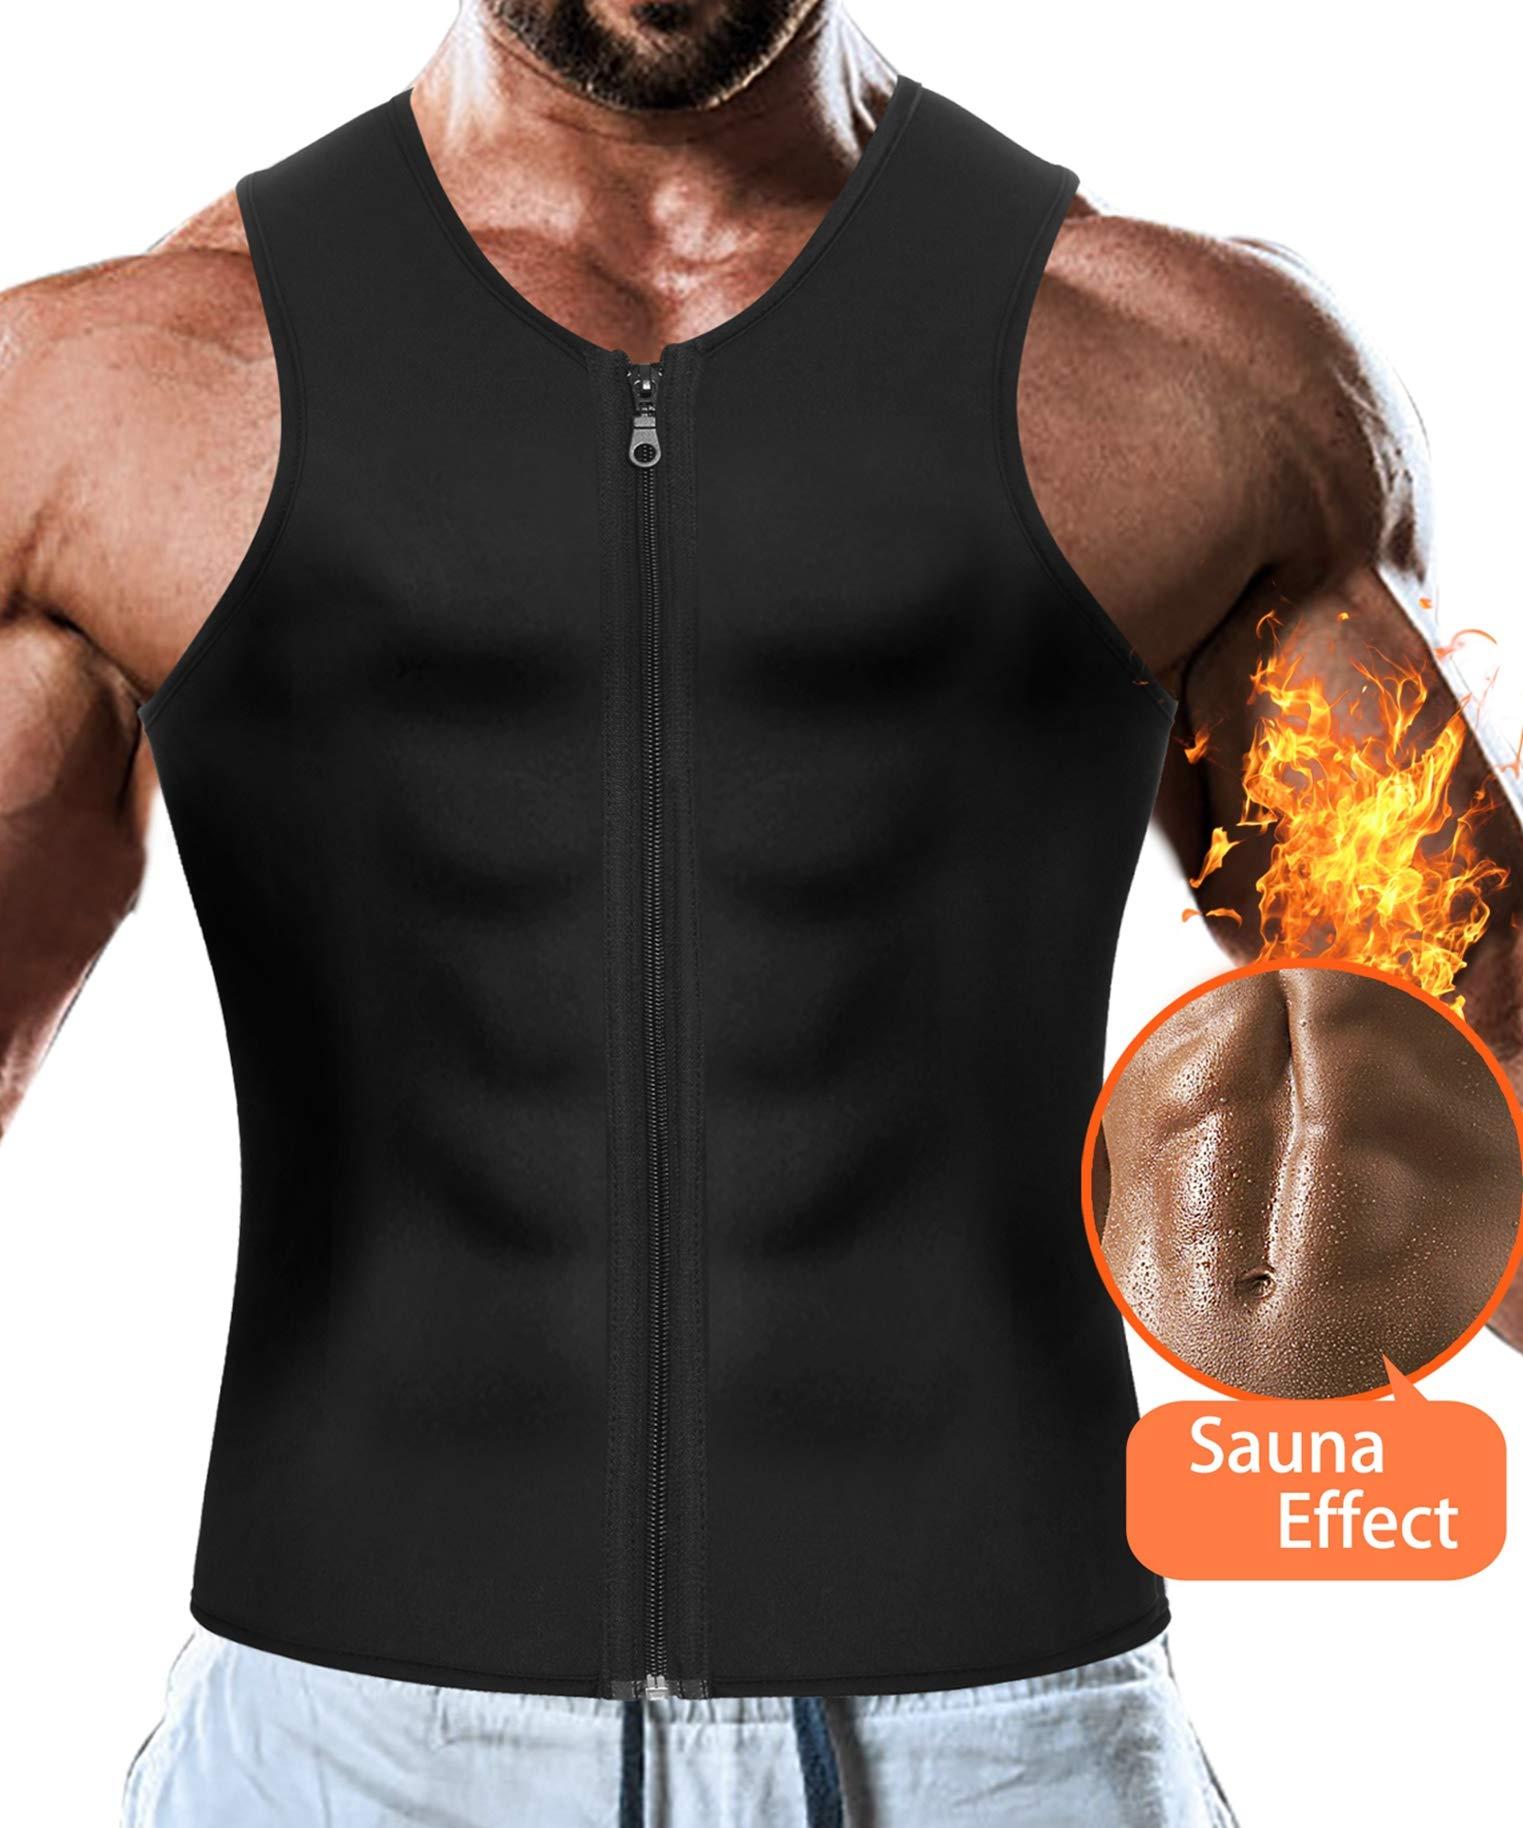 7cc6b95430 Men Waist Trainer Vest for Weight Loss Hot Neoprene Corset Body Shaper  Zipper Sauna Tank Top Workout Shirt